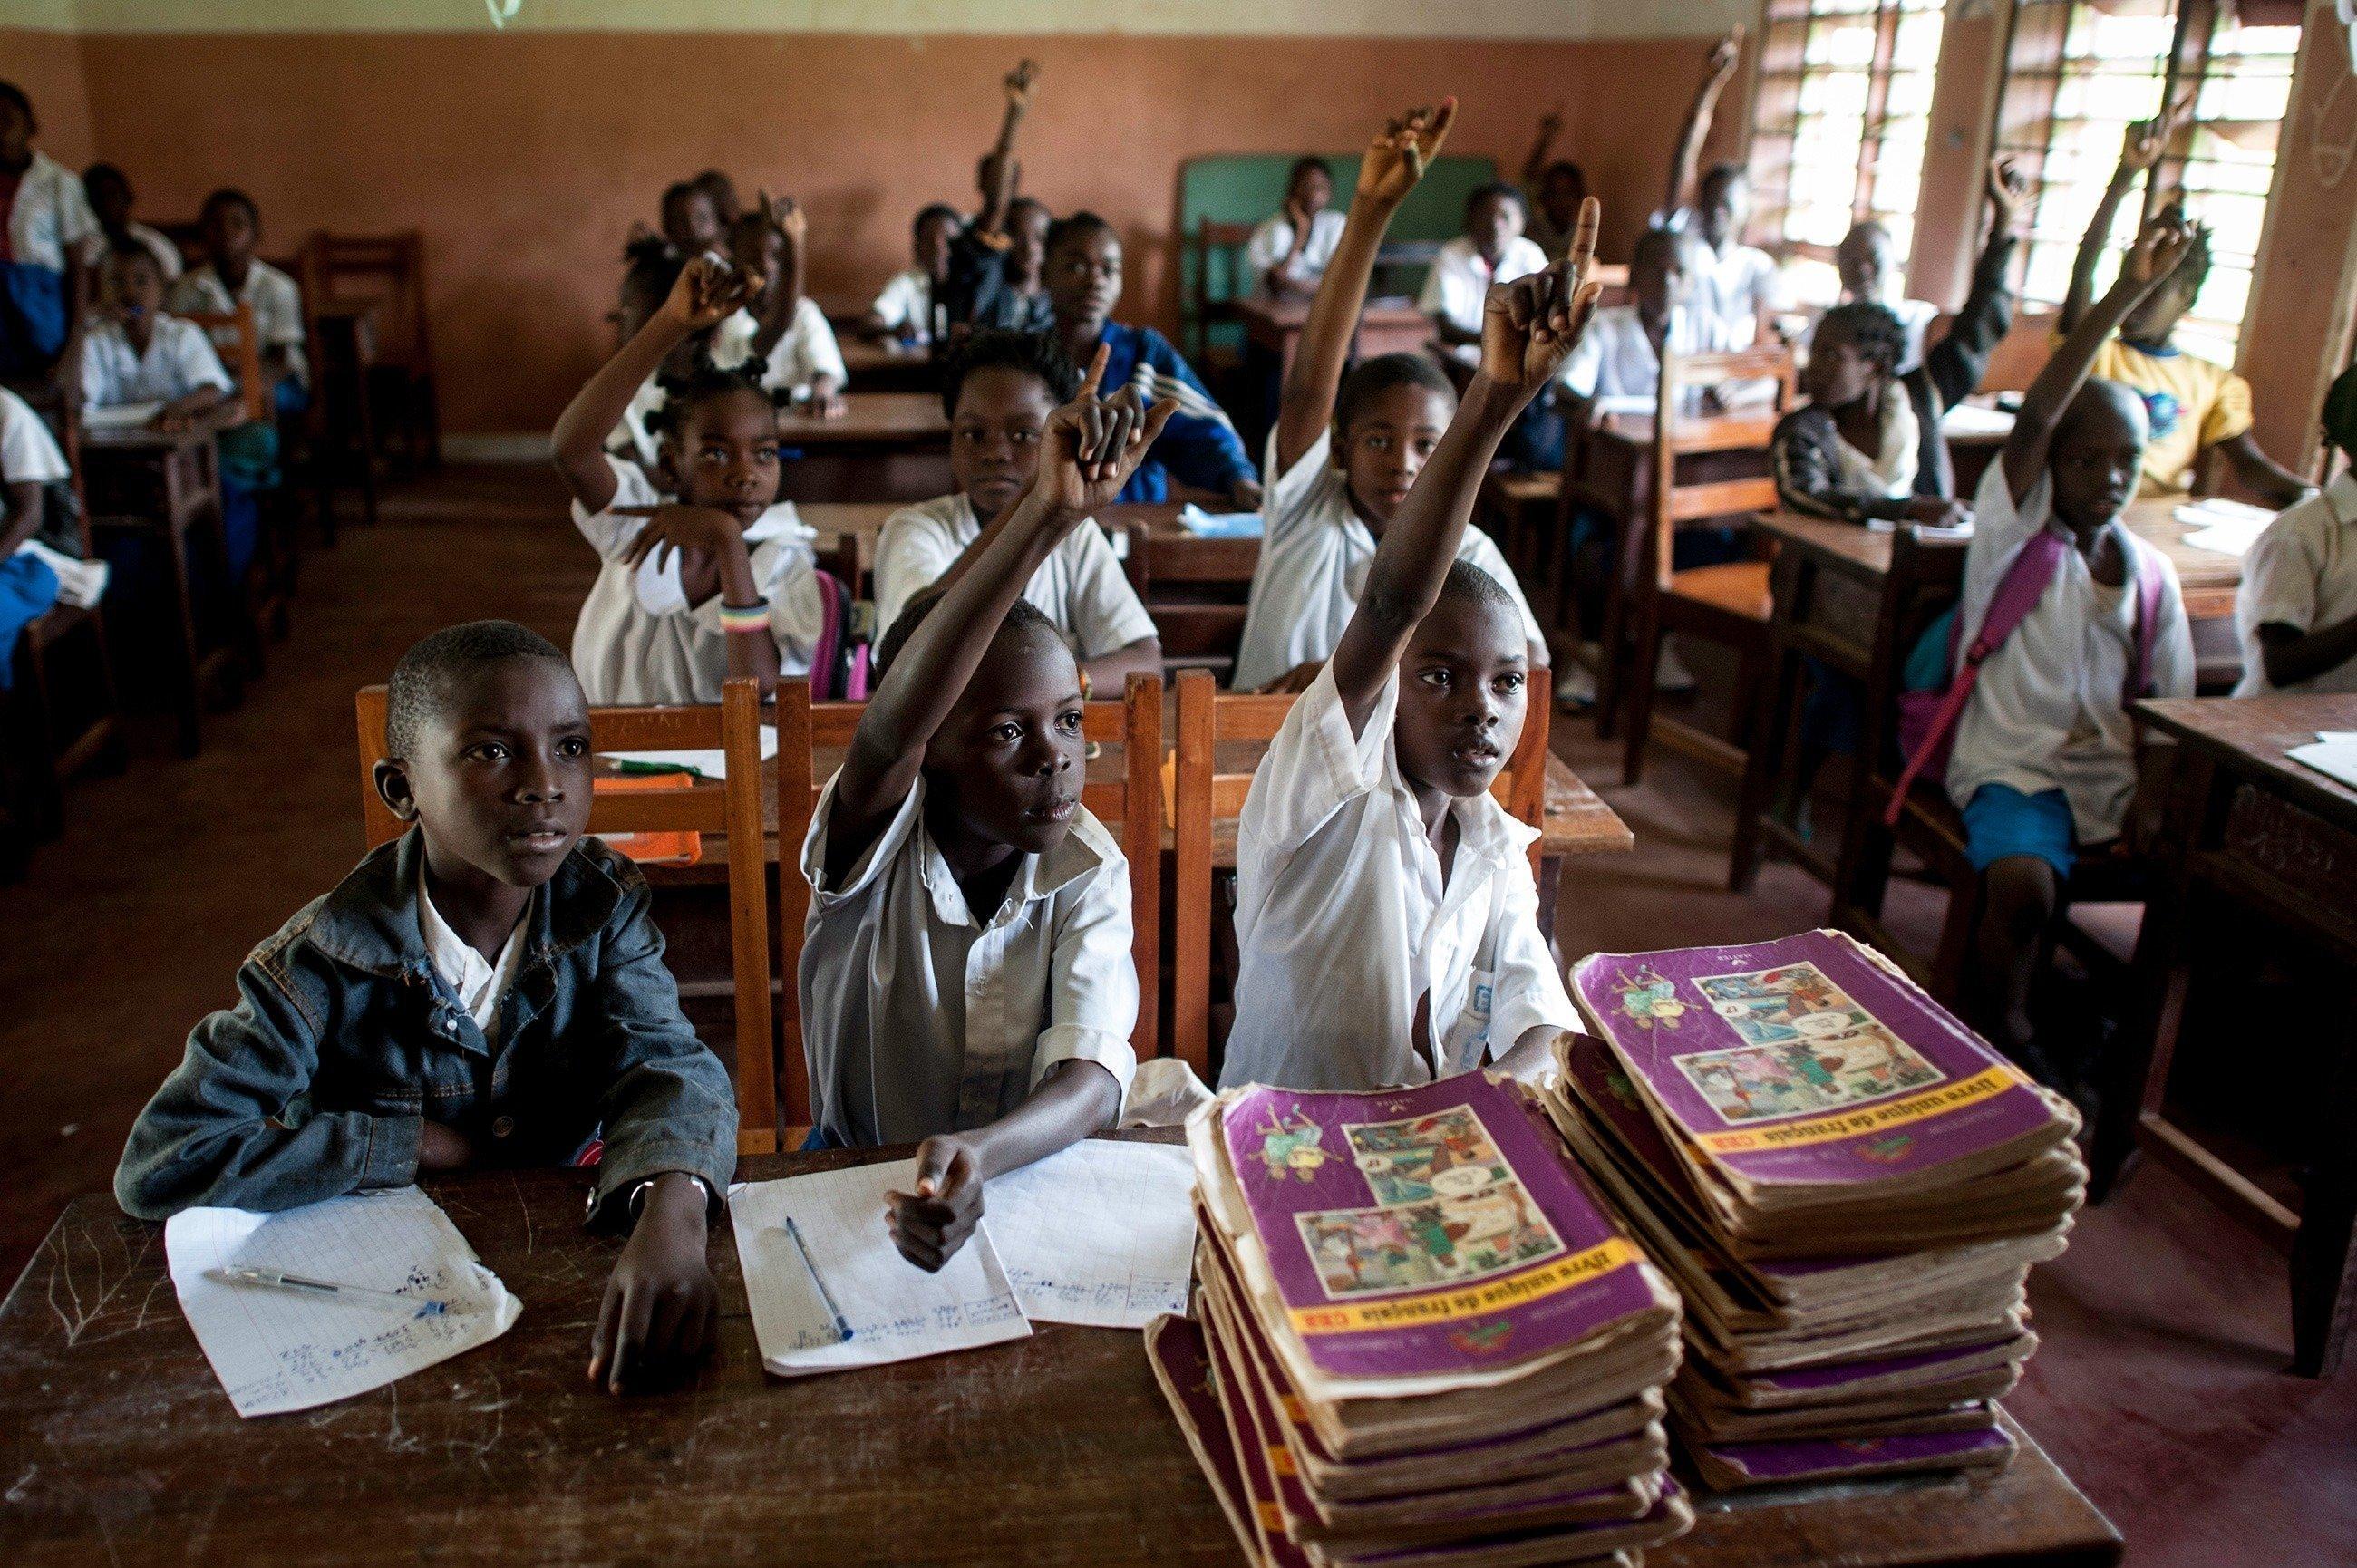 Afrikanische Schüler melden sich im Unterricht.